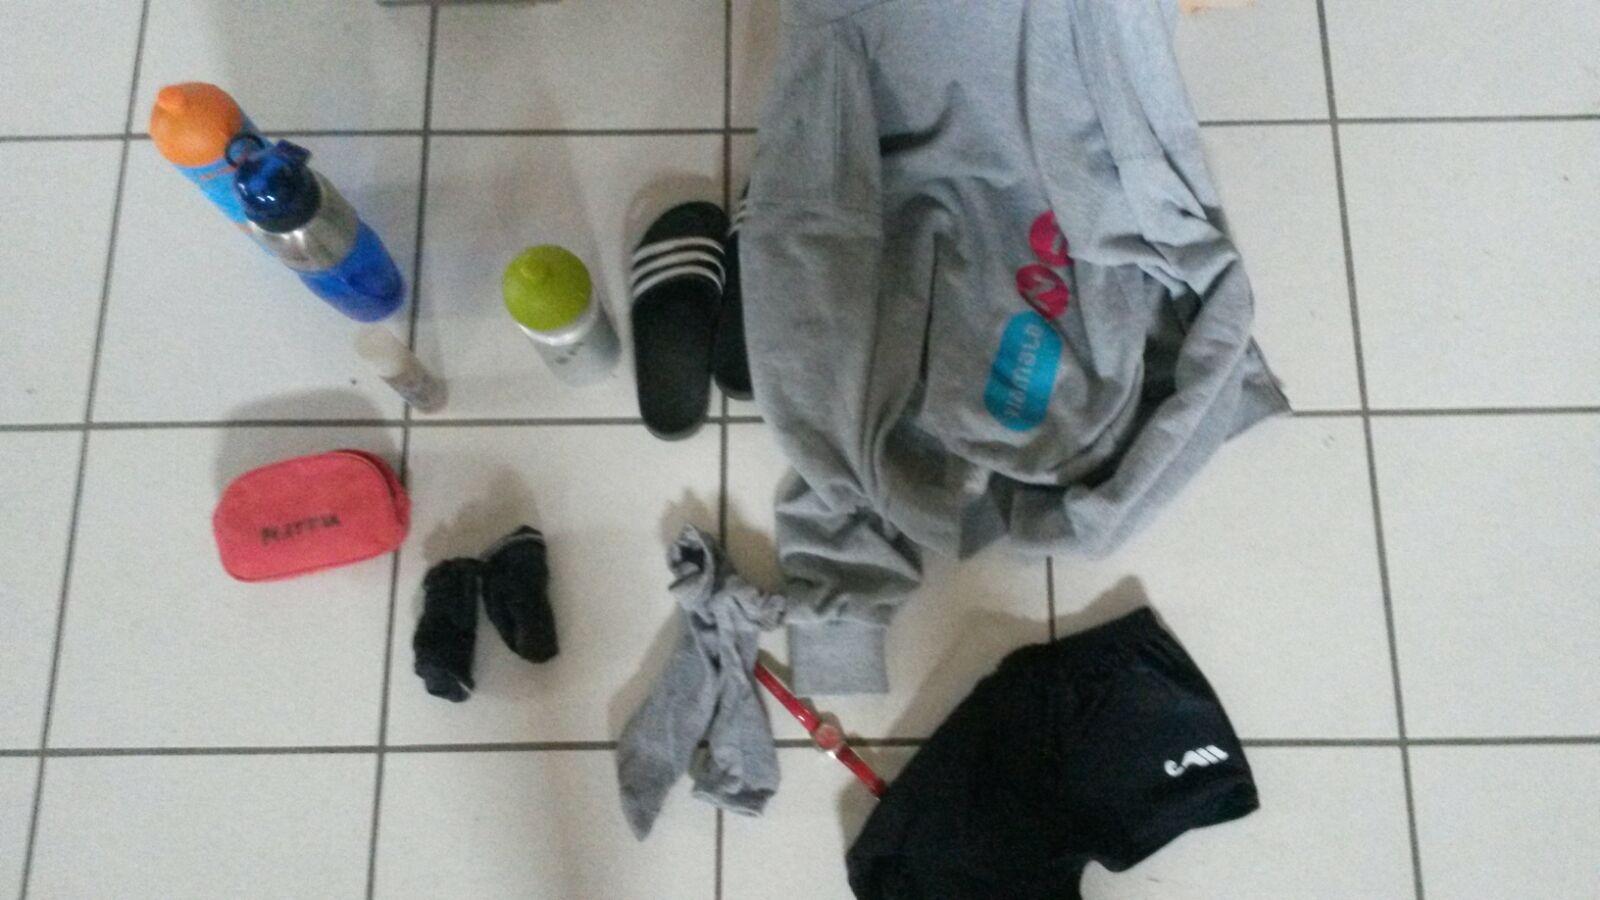 Diese Gegenstände wurden nach dem Wettkampf gefunden. Falls jemand seine Sachen wiedererkennt, bitte bei Marco Danuser, 076 343 63 09, melden. Besten Dank!